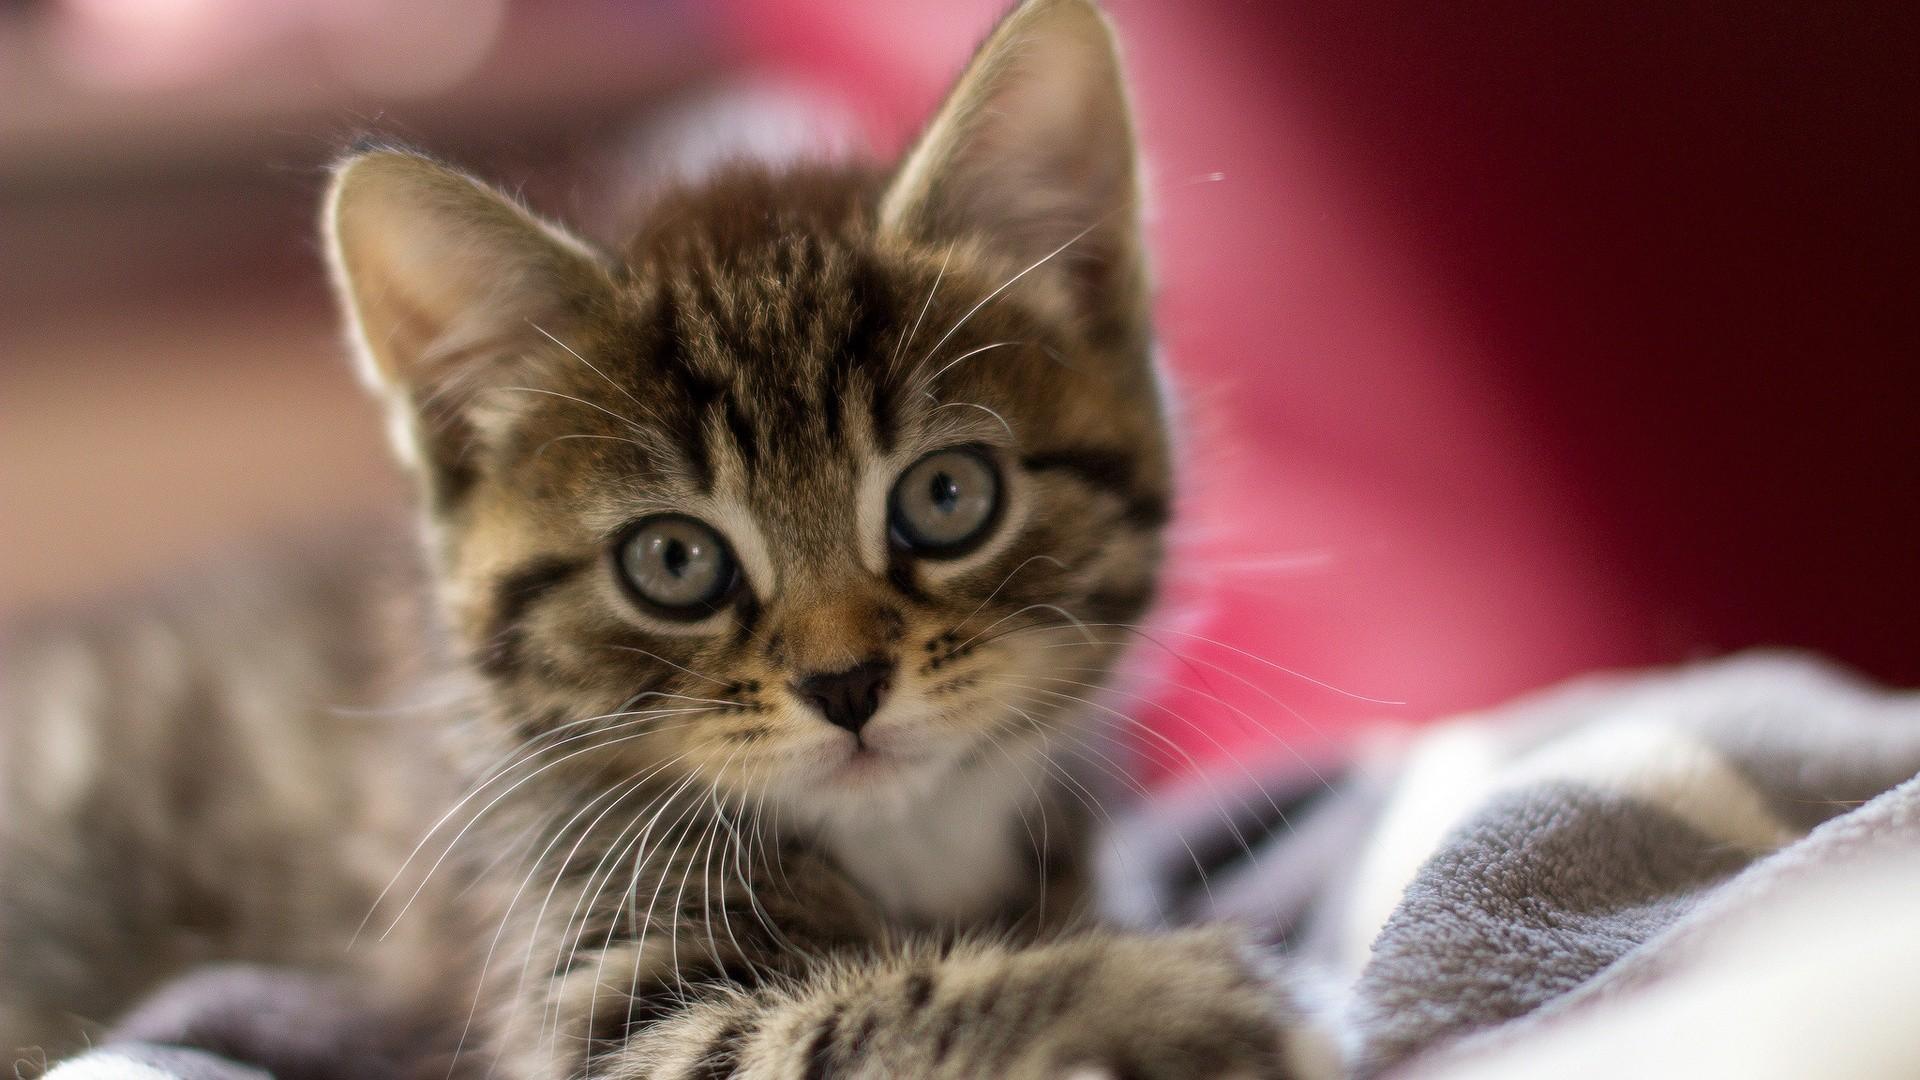 Res: 1920x1080, Baby Kitten Wallpapers 7